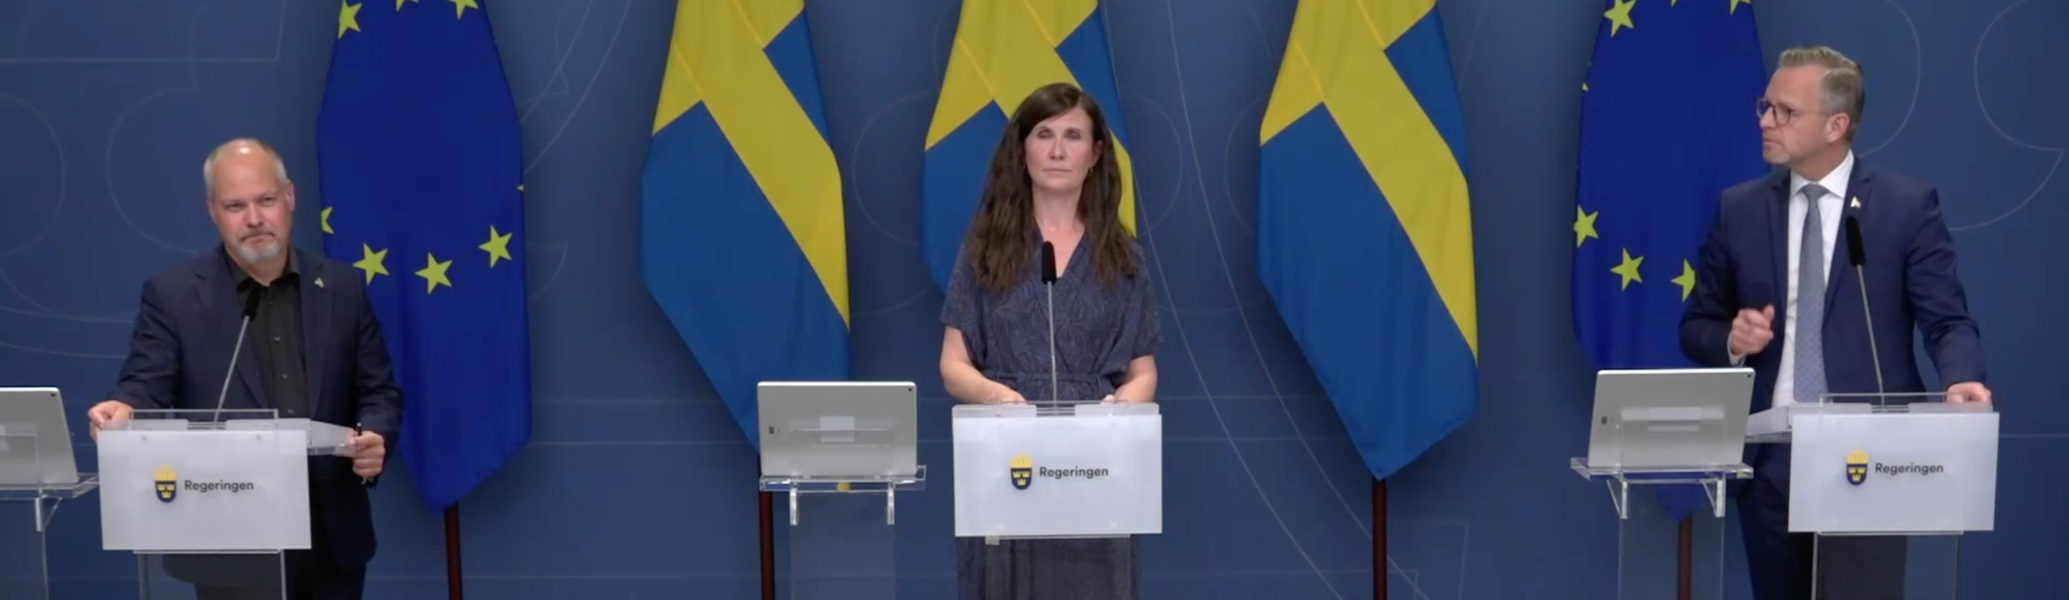 Ministertrion Morgan Johansson (S), Märta Stenevi (MP) och Mikael Damberg (S) omfattande åtgärdspaketet för att mäns våld mot kvinnor ska upphöra.